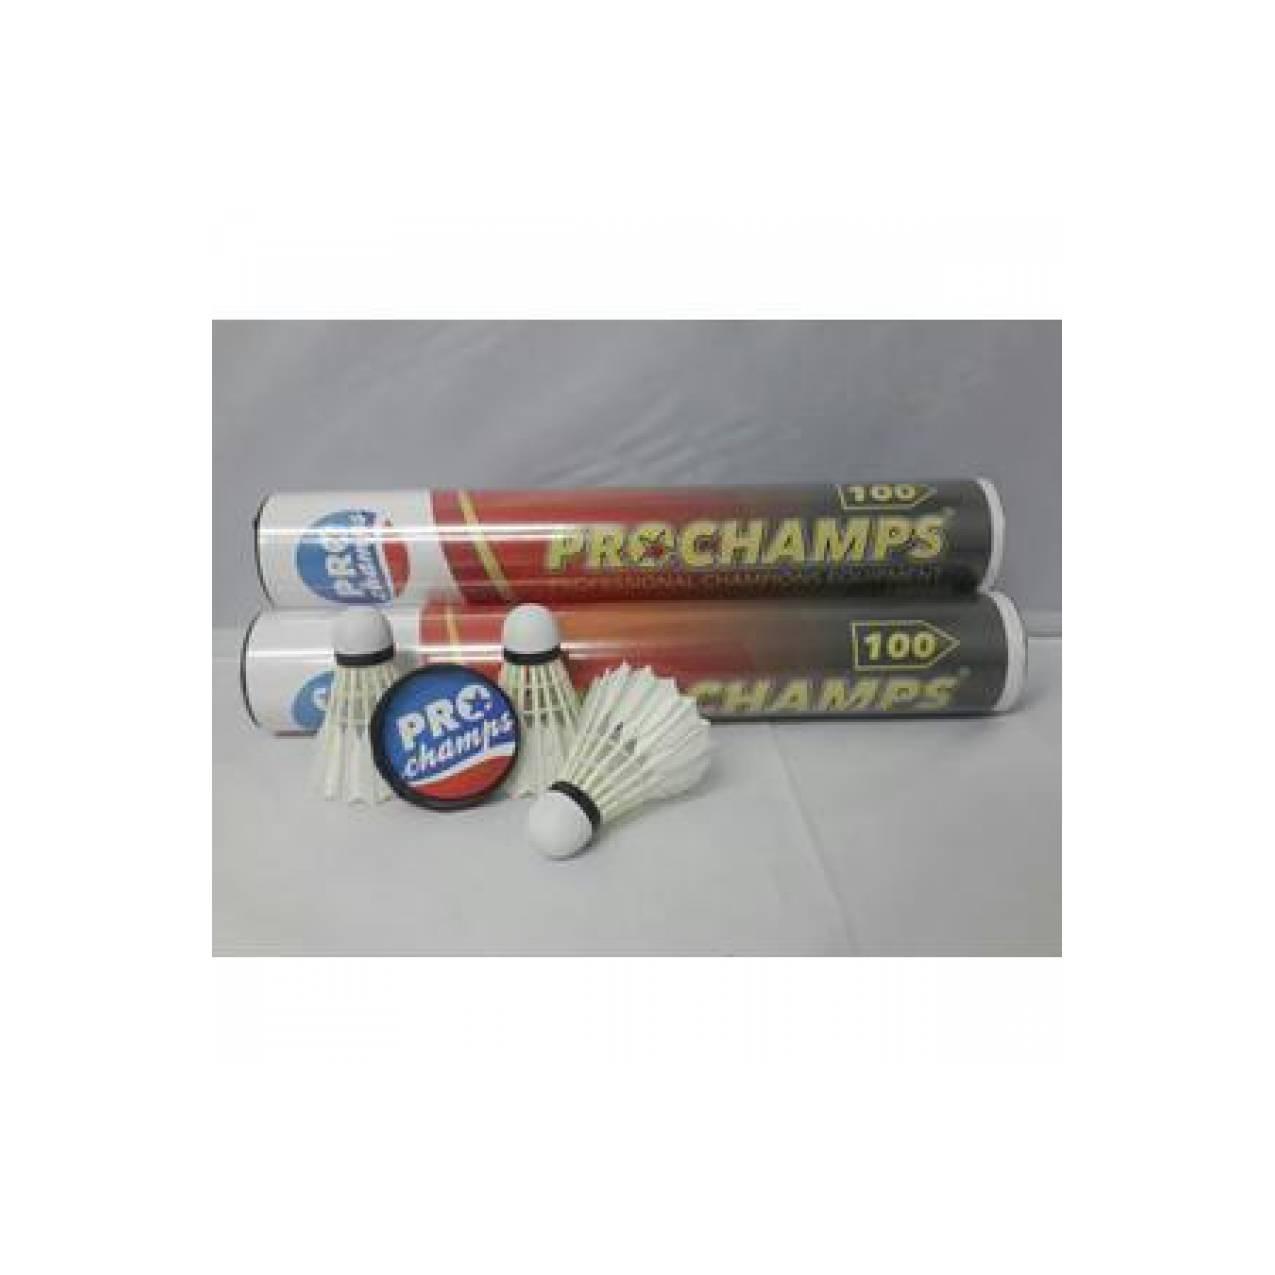 Jual Kok Bulutangkis / Shuttlecock Badminton Prochamps 100 (BONUS GR